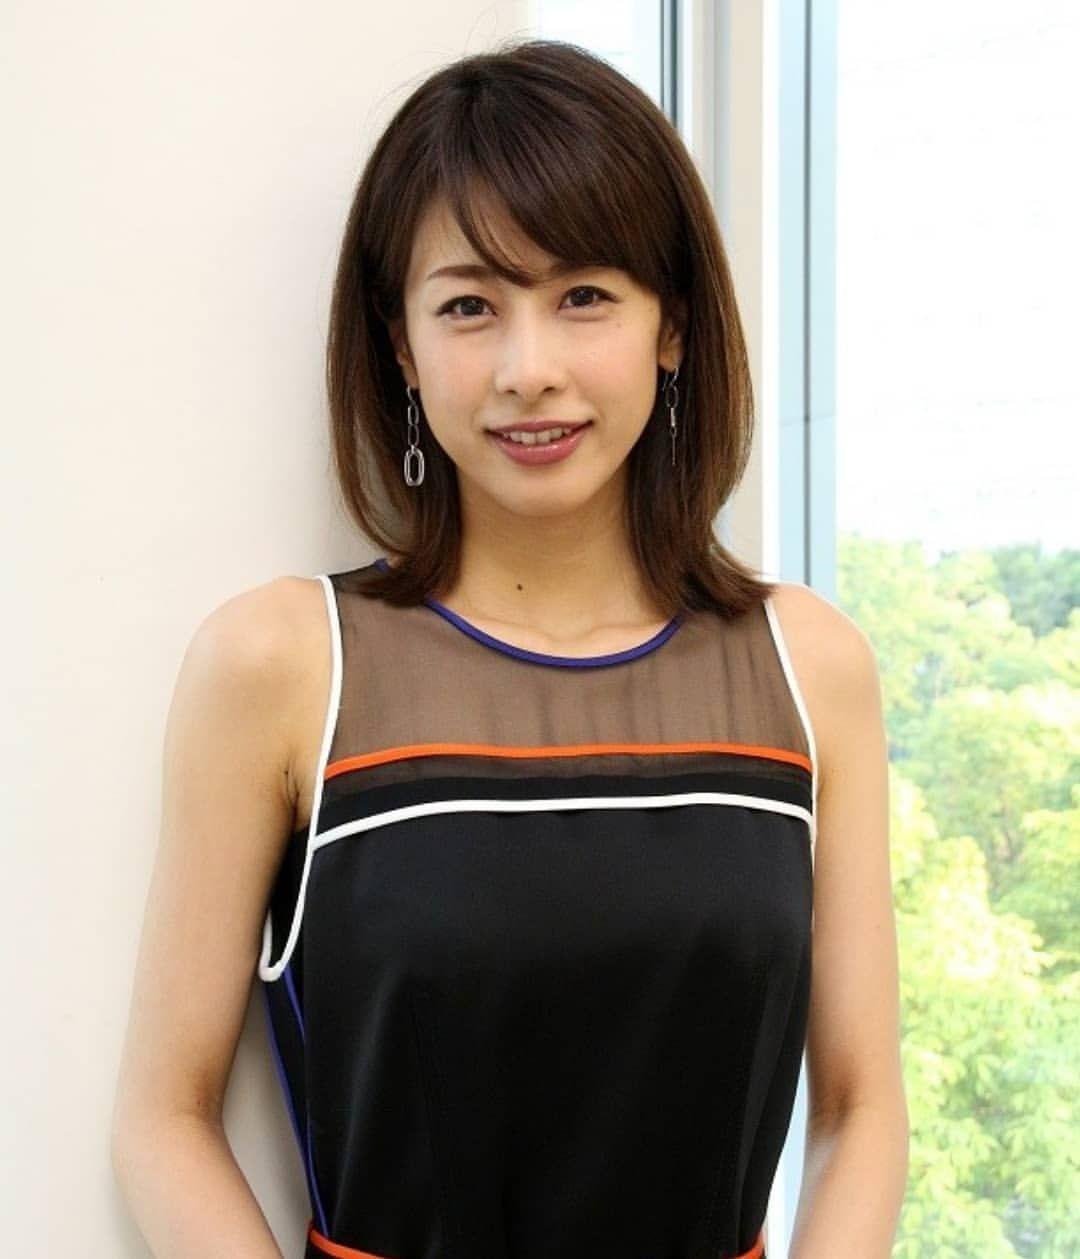 アナ テレビ 元 フジ 女子